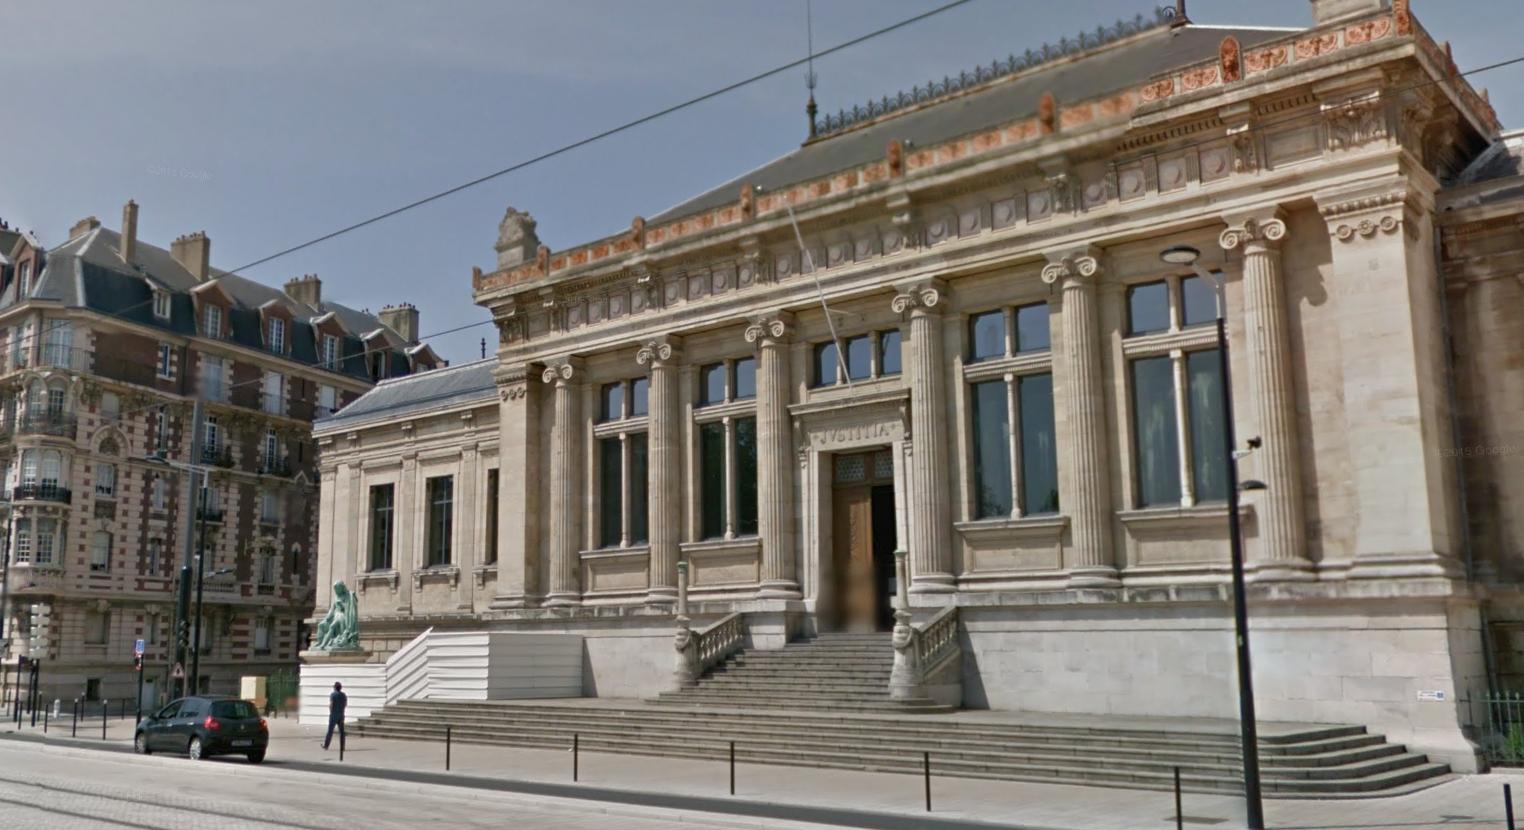 Deux des trois cambrioleurs ont été condamnés à des peines de prison ferme par le tribunal correctionnel du Havre (Illustration@Google Maps)